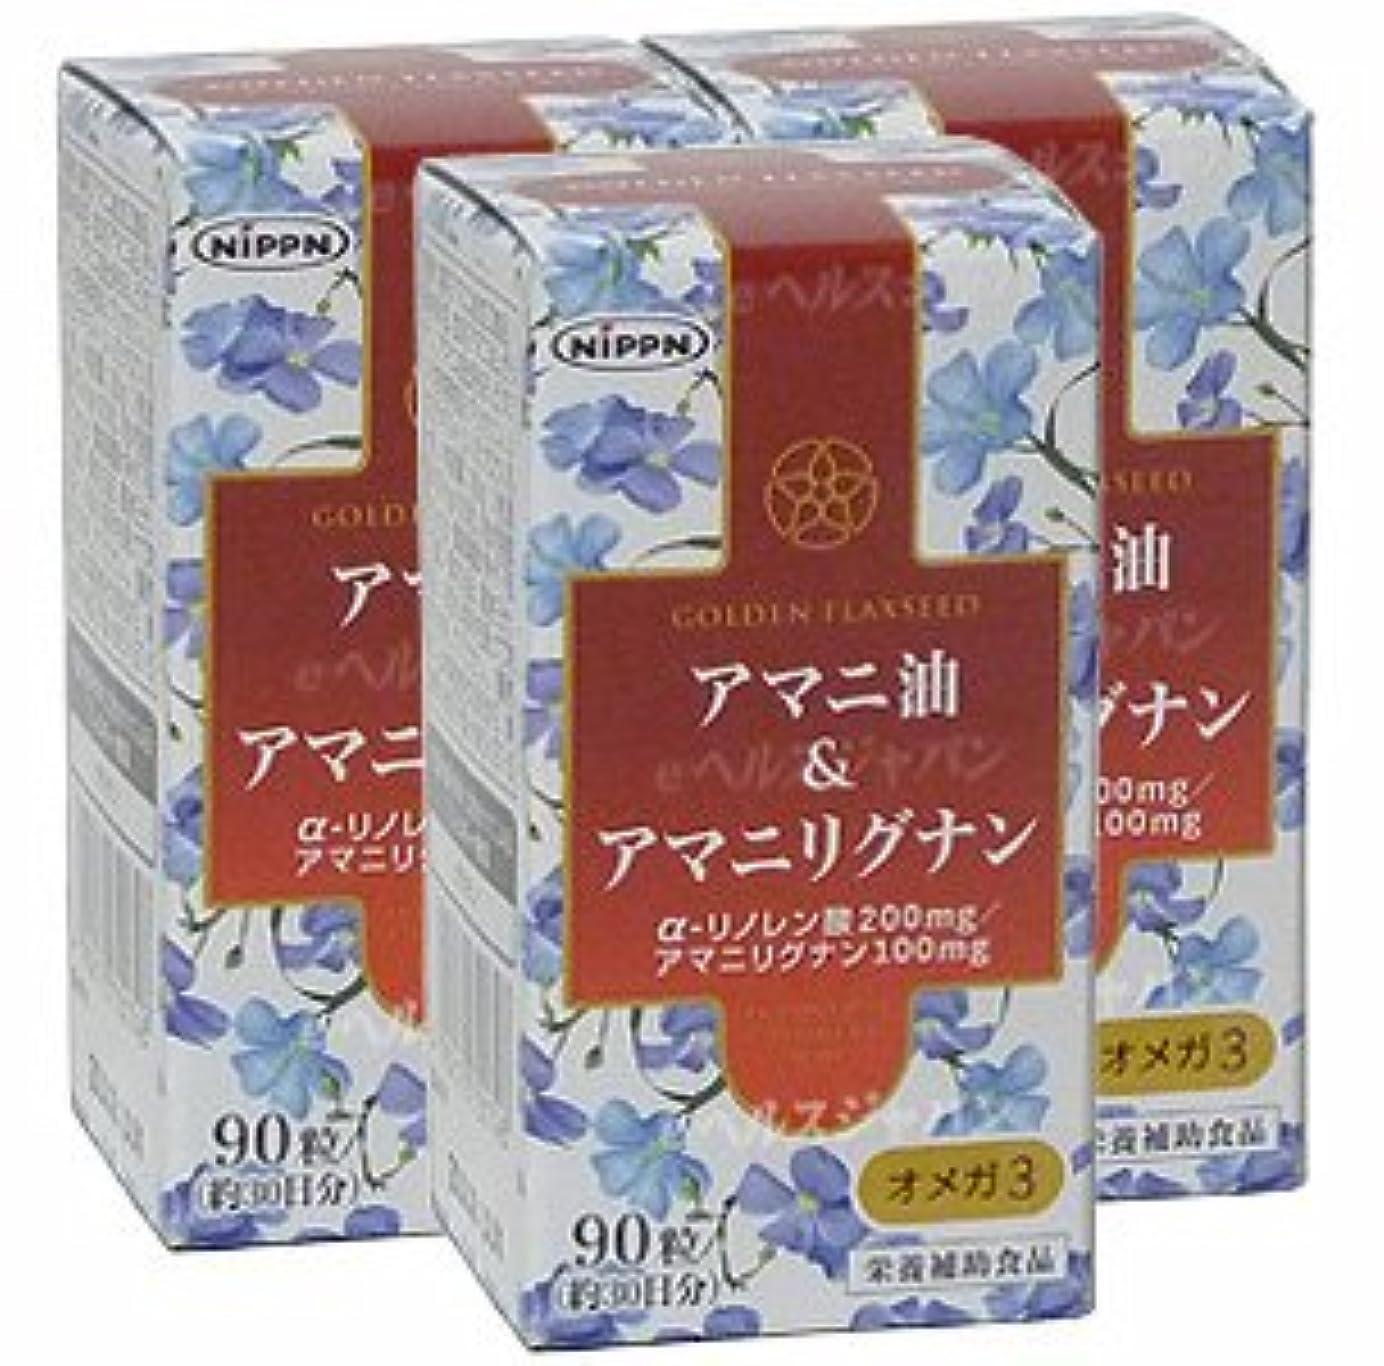 予防接種鎖シガレットアマニ油&アマニリグナン【3本セット】日本製粉